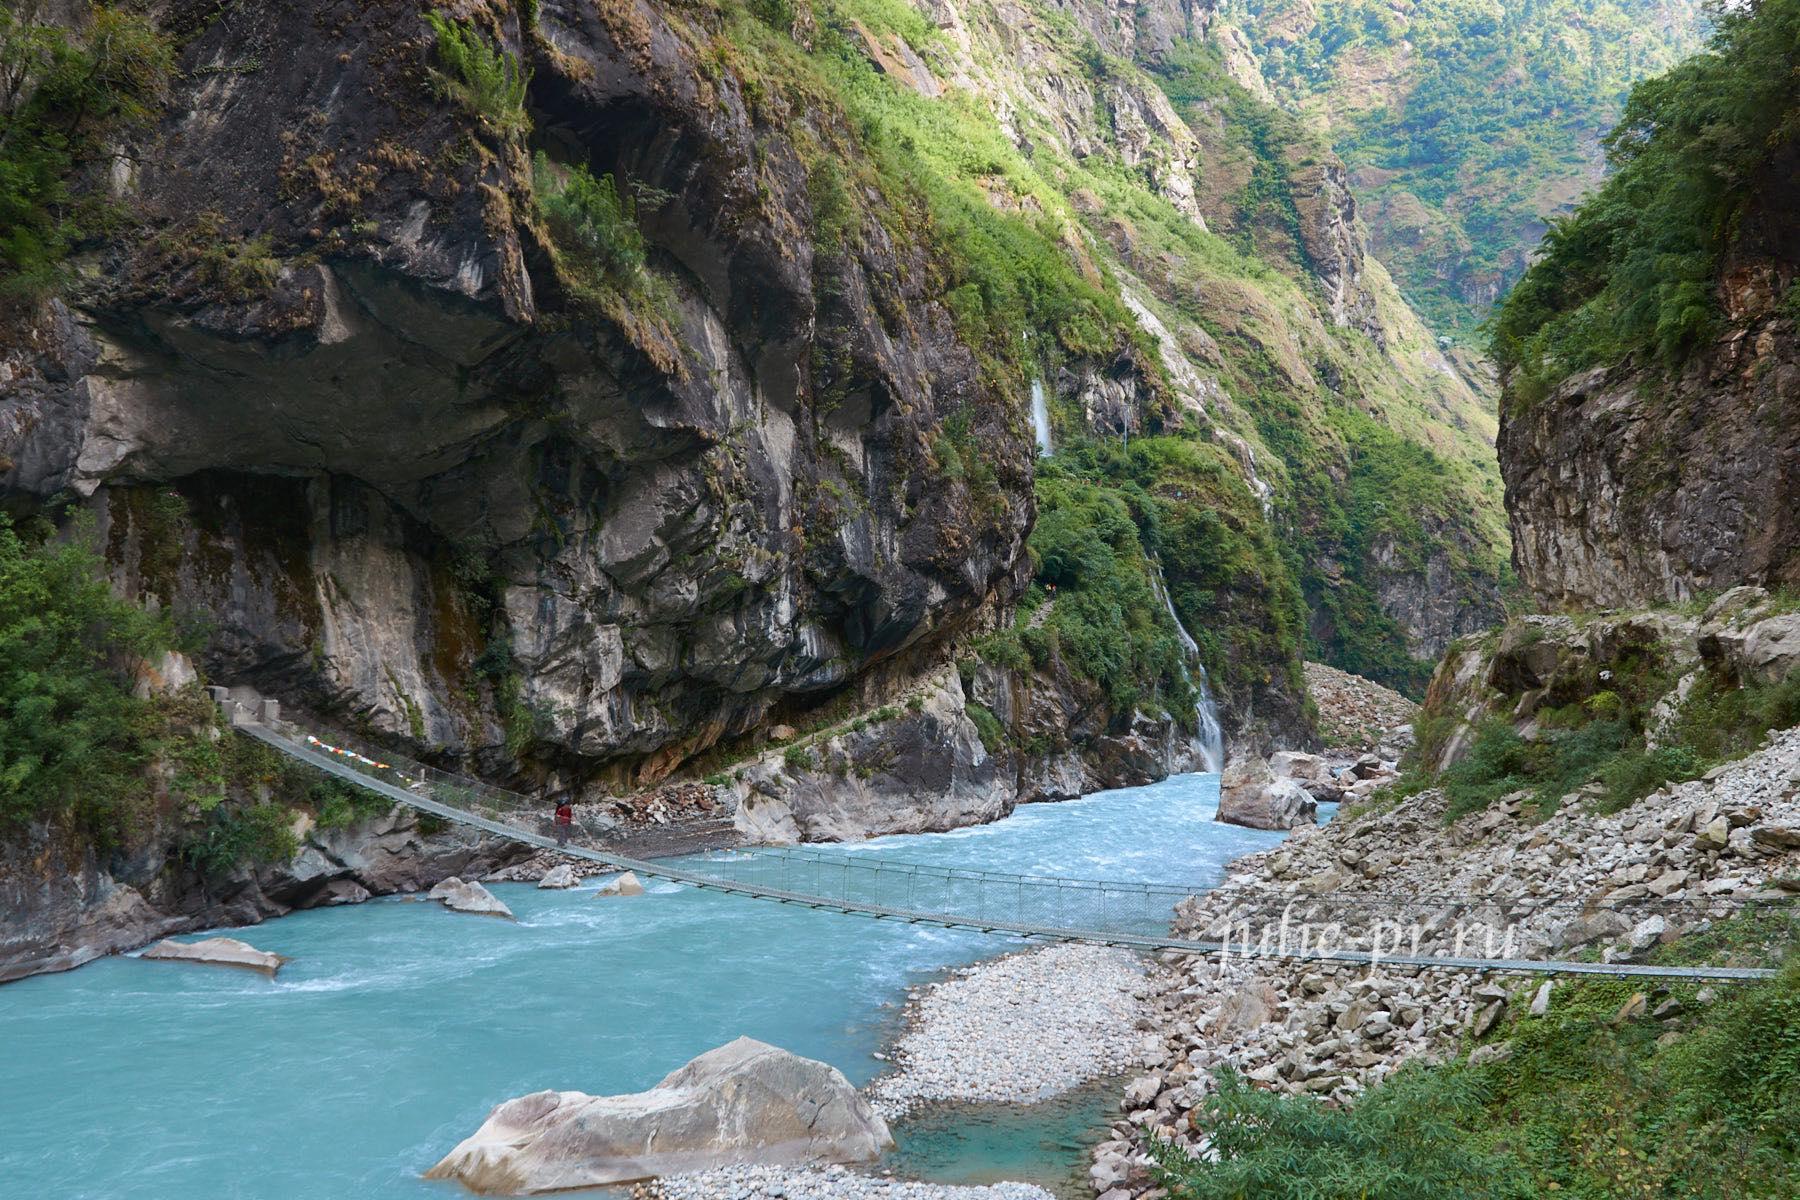 Непал, Трек вокруг Аннапурны, Висячий мост